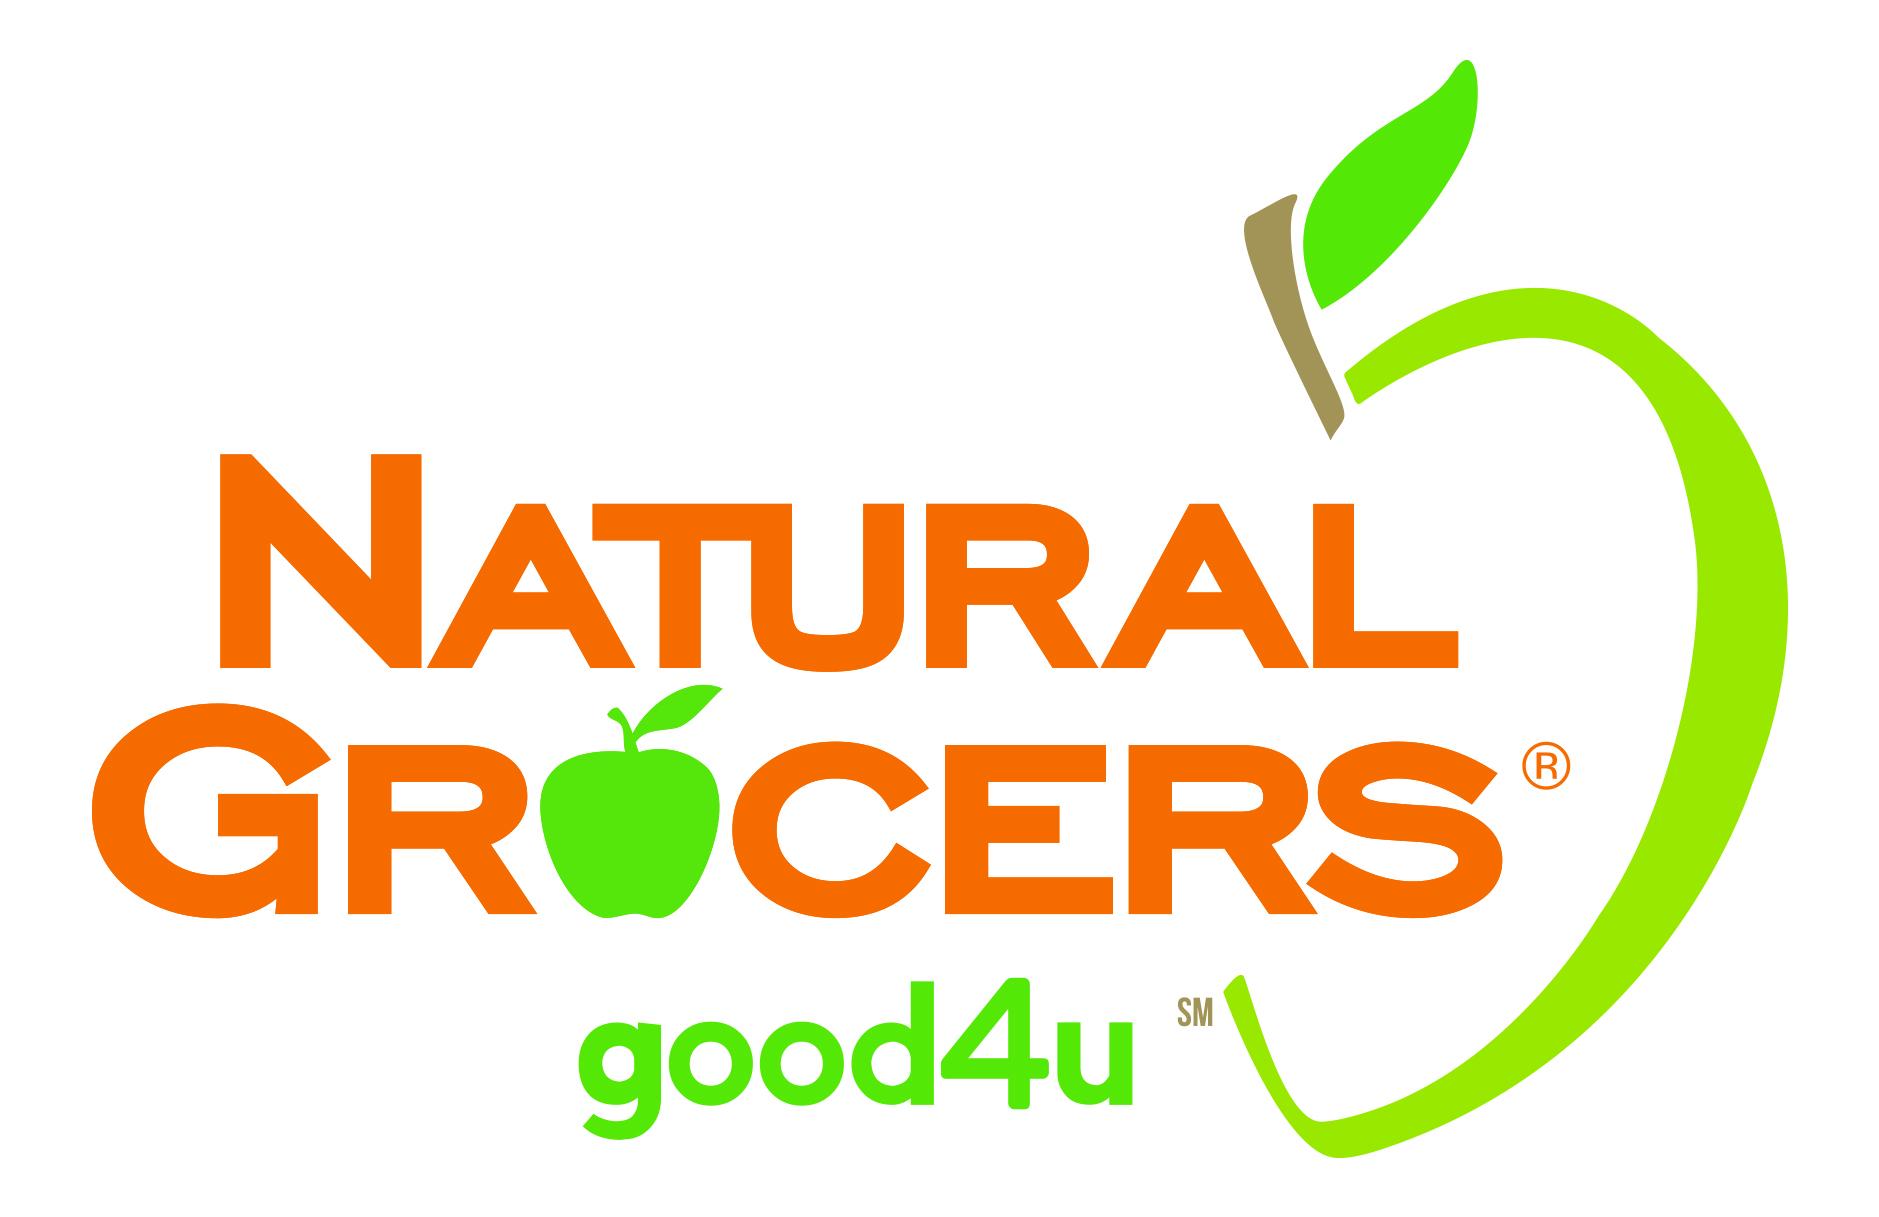 Austin Natural Grocer